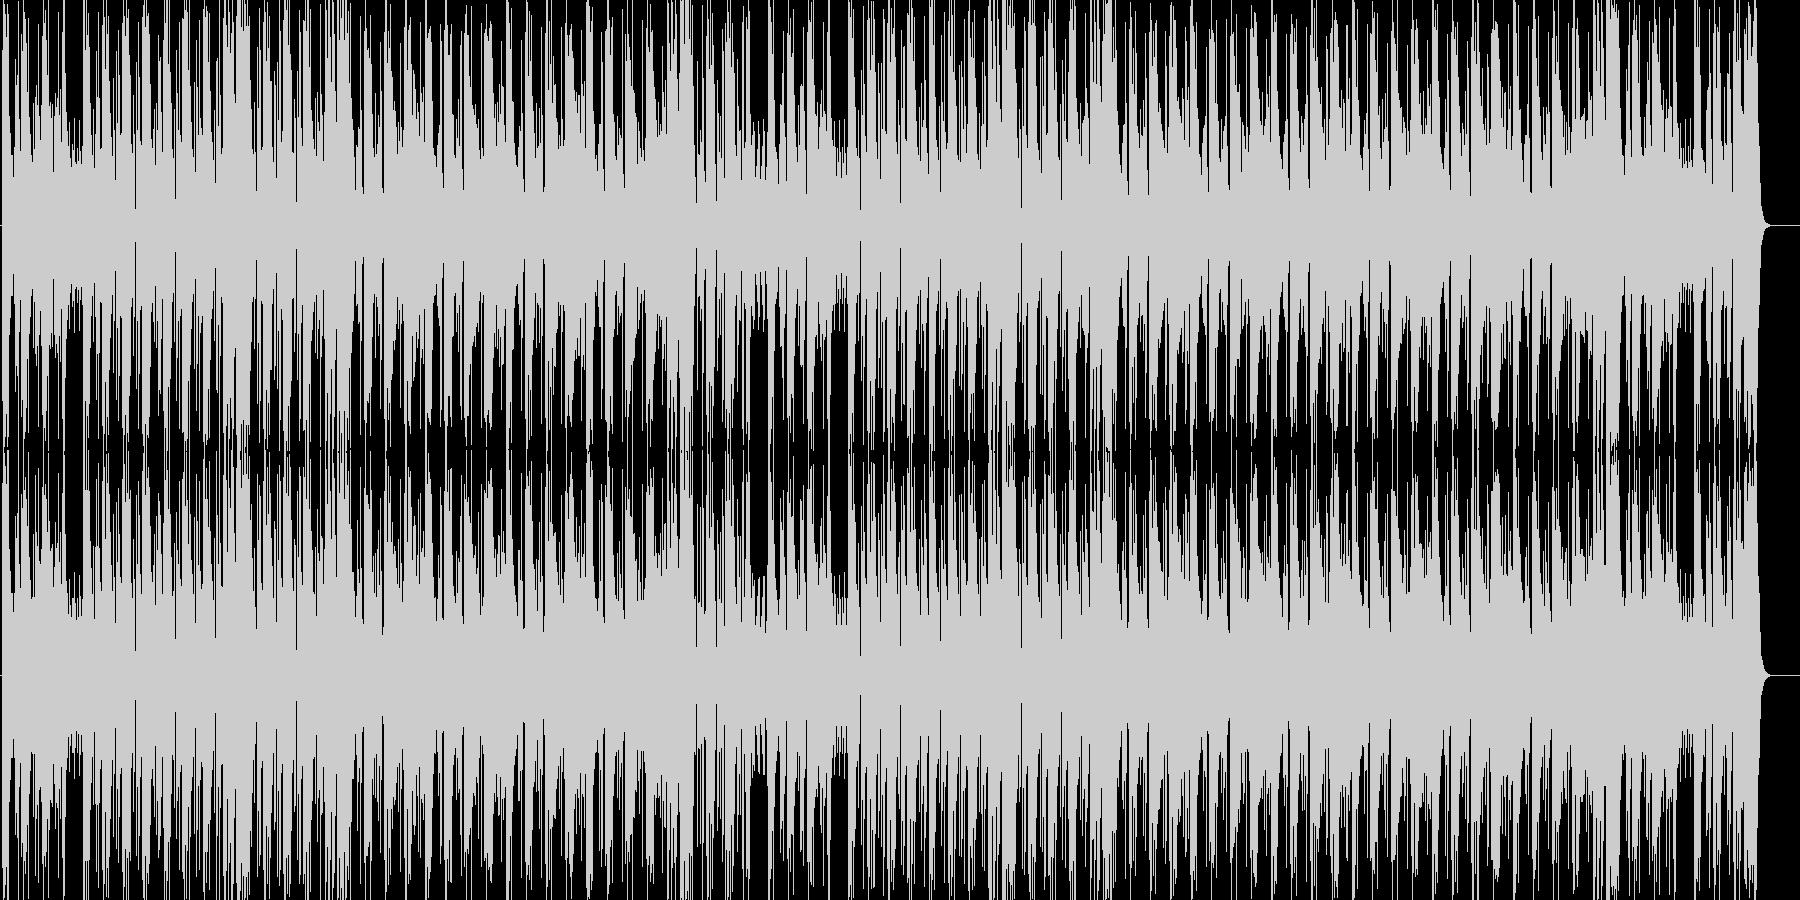 燃えるようなインパクトあるメロディーの未再生の波形